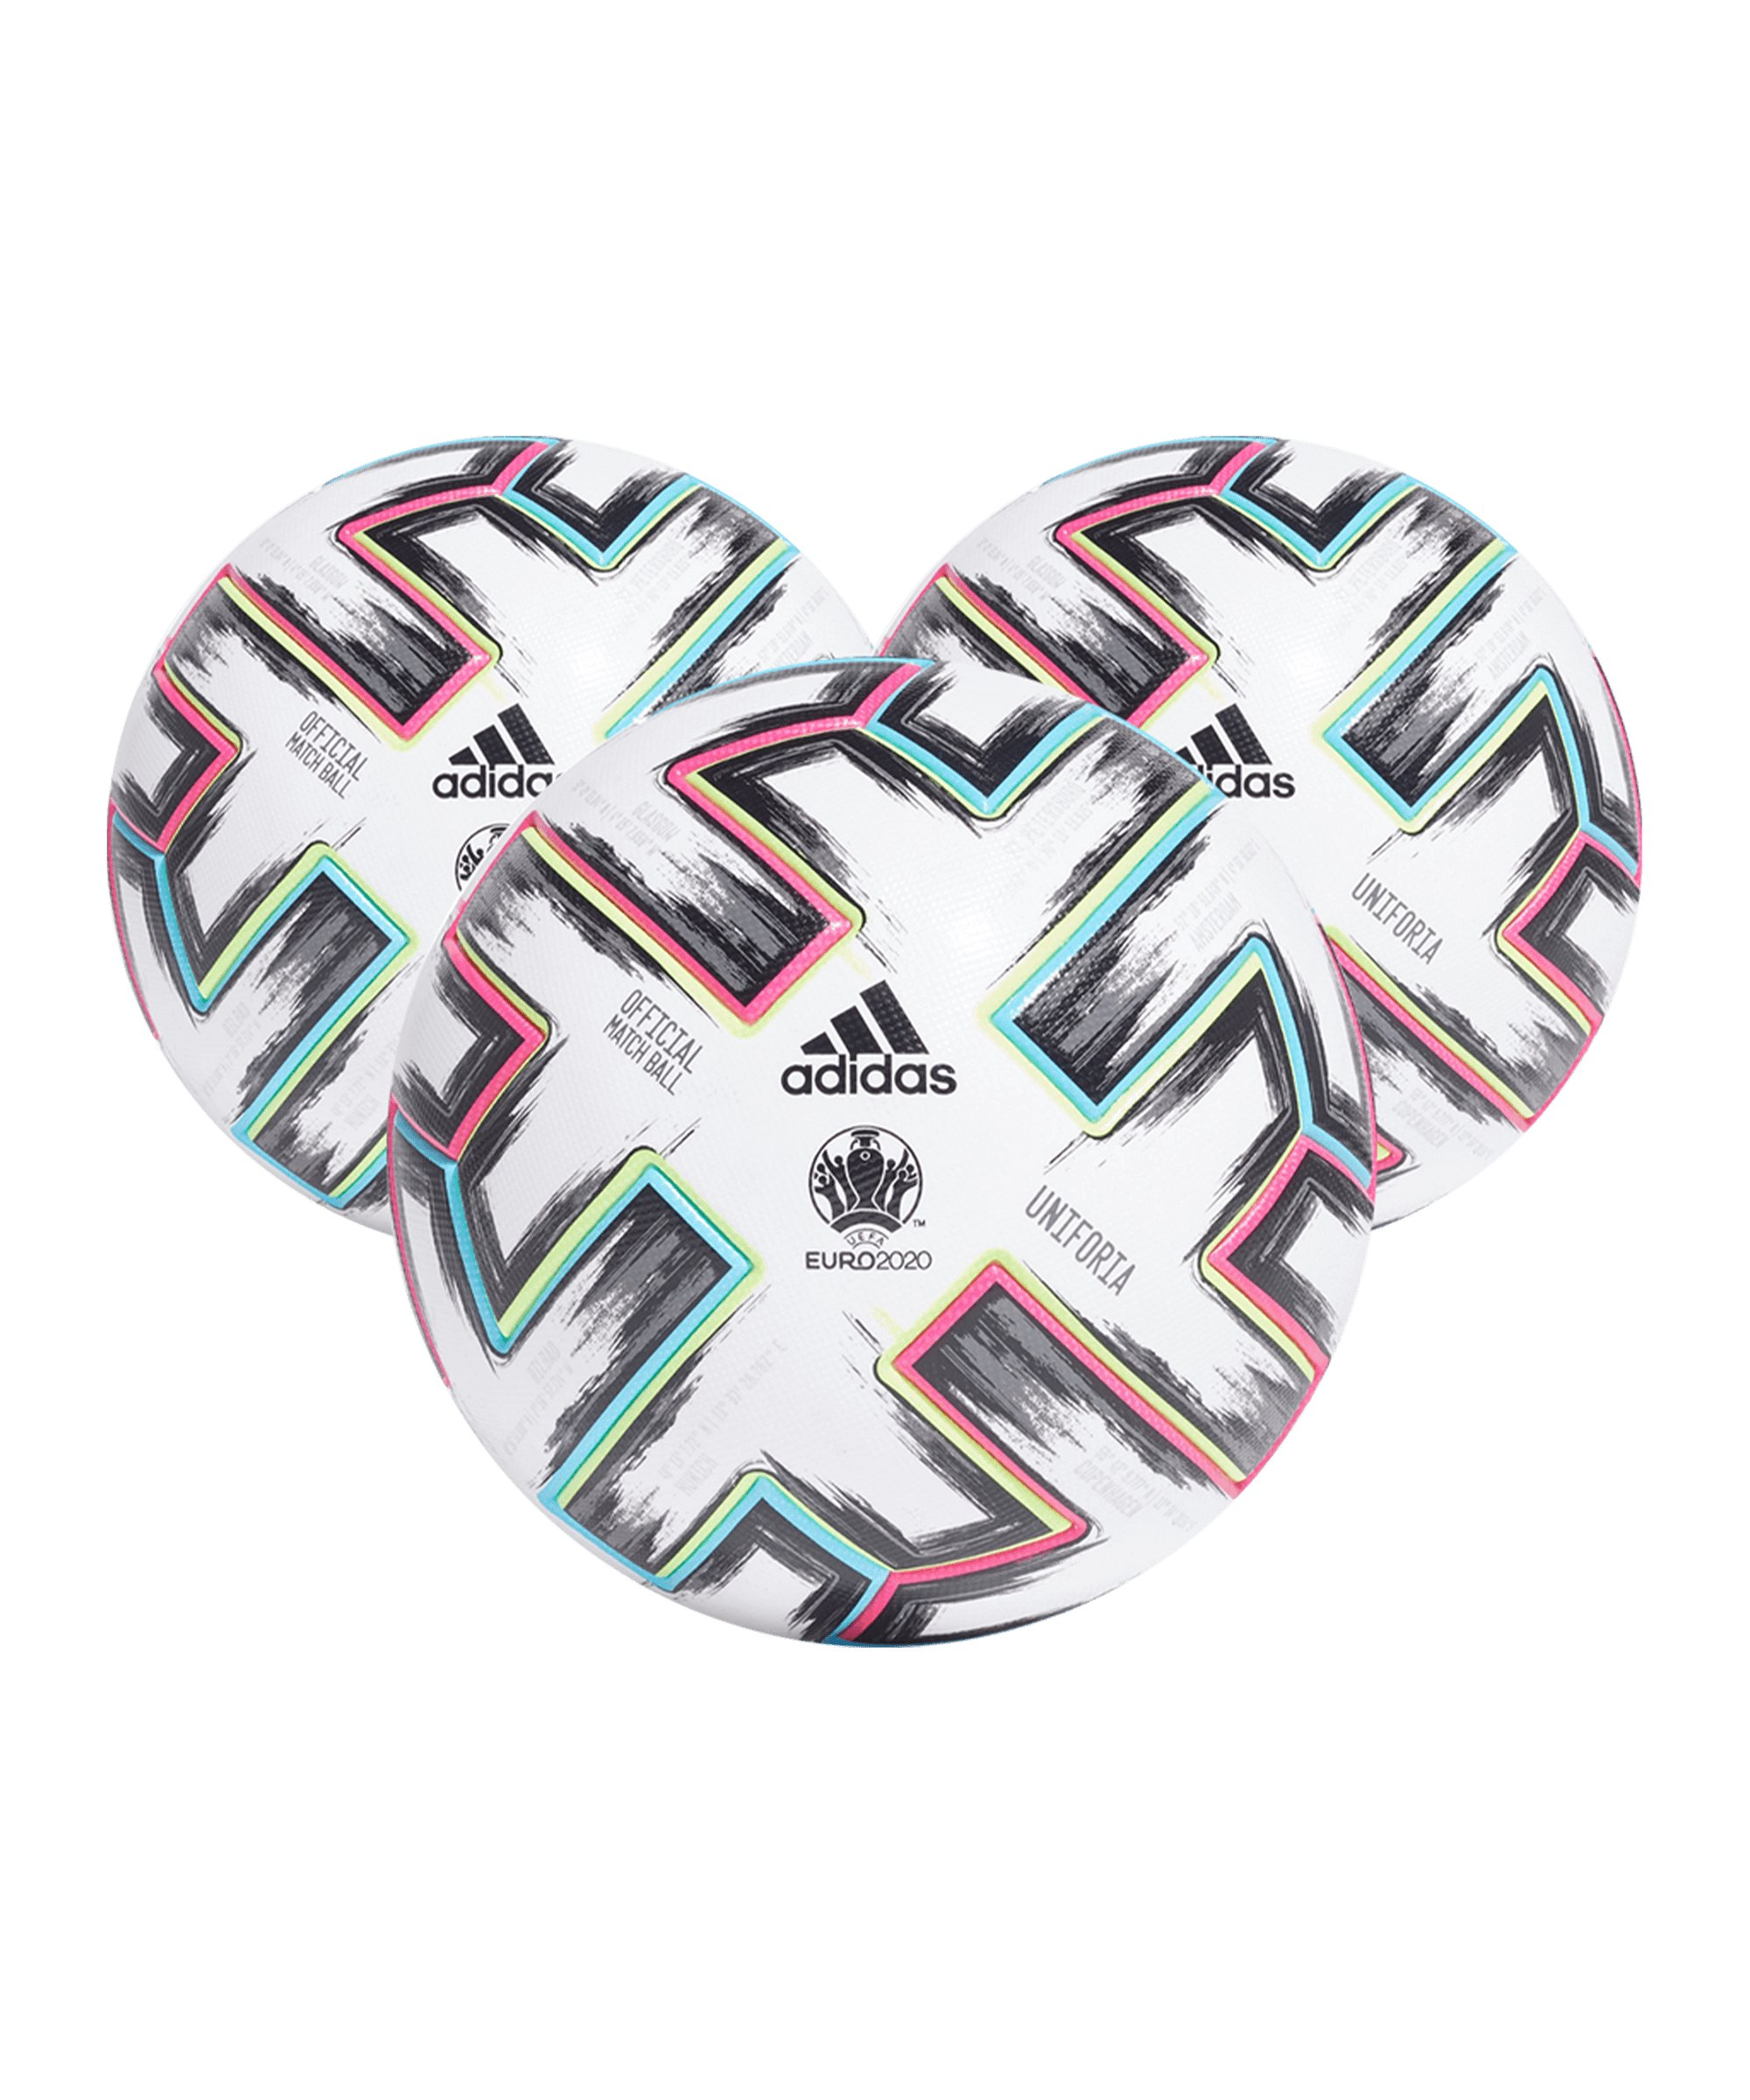 adidas PRO Uniforia EM 2020 Spielball 3x Gr.5 - weiss